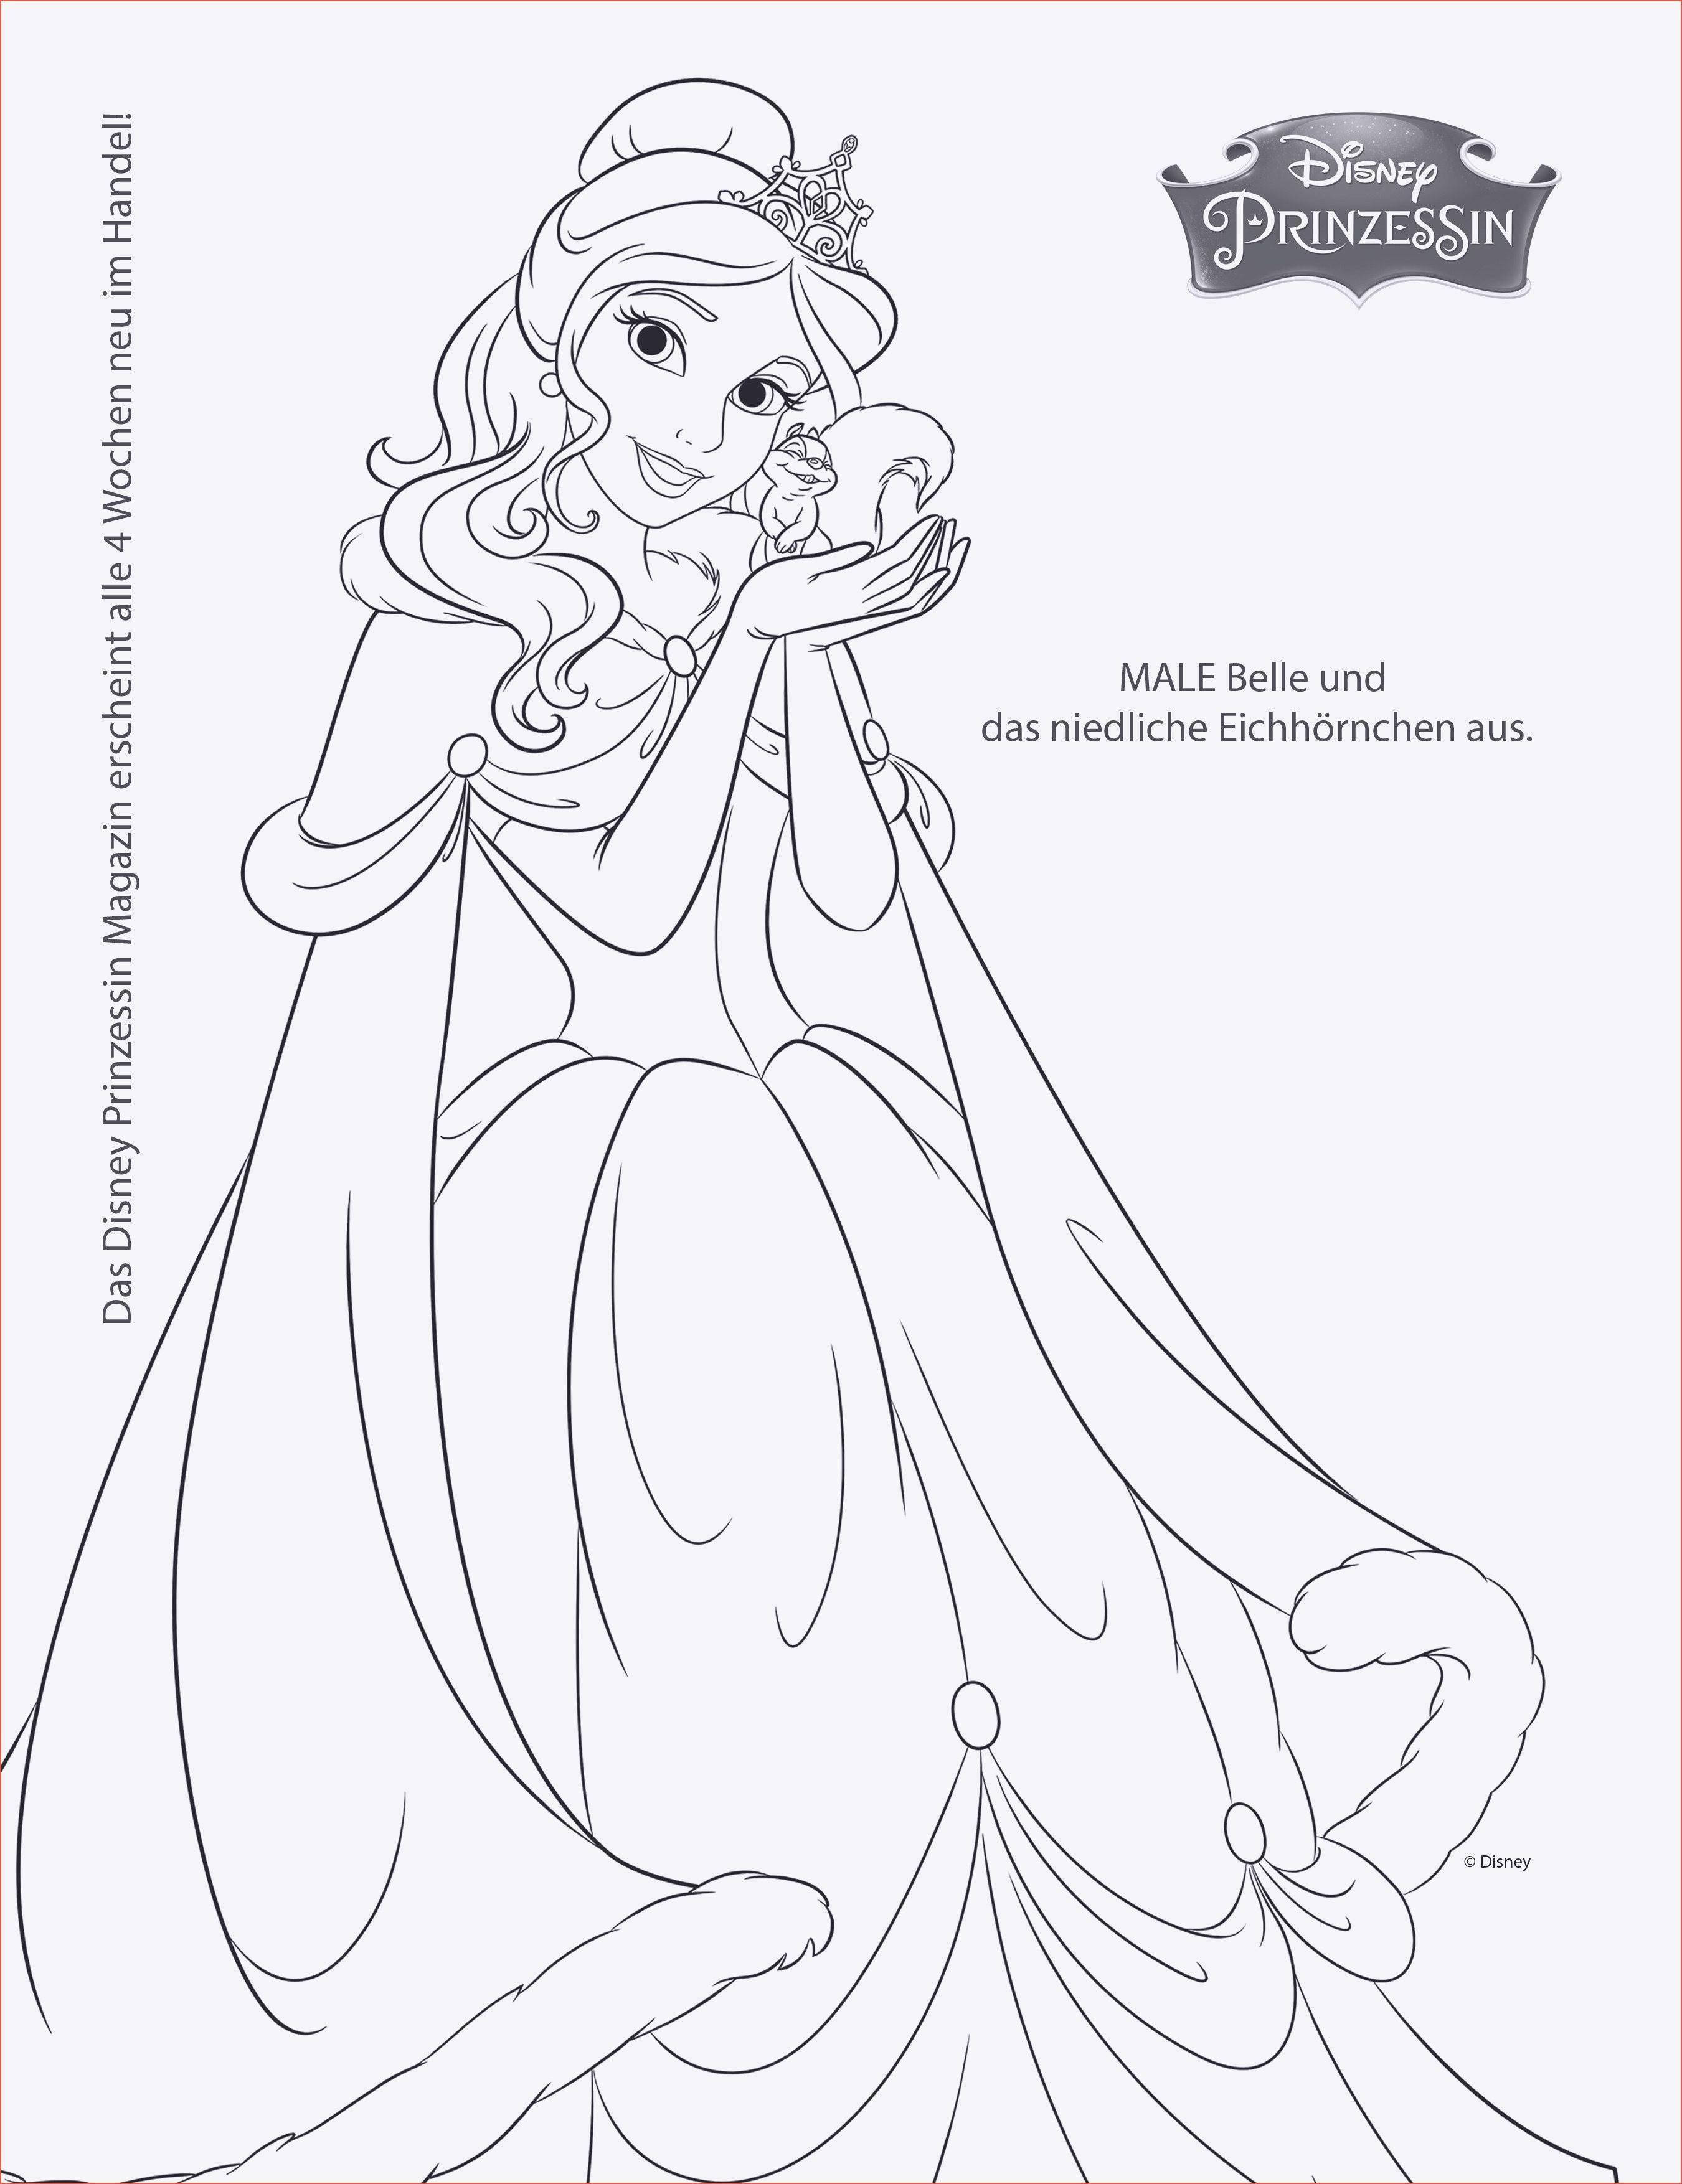 Ausmalbilder Prinzessin Prinzessin Lillifee Frisch Gratis Malvorlagen Zum Ausdrucken Herz Ausdrucken Kostenlos Qwdq Bilder